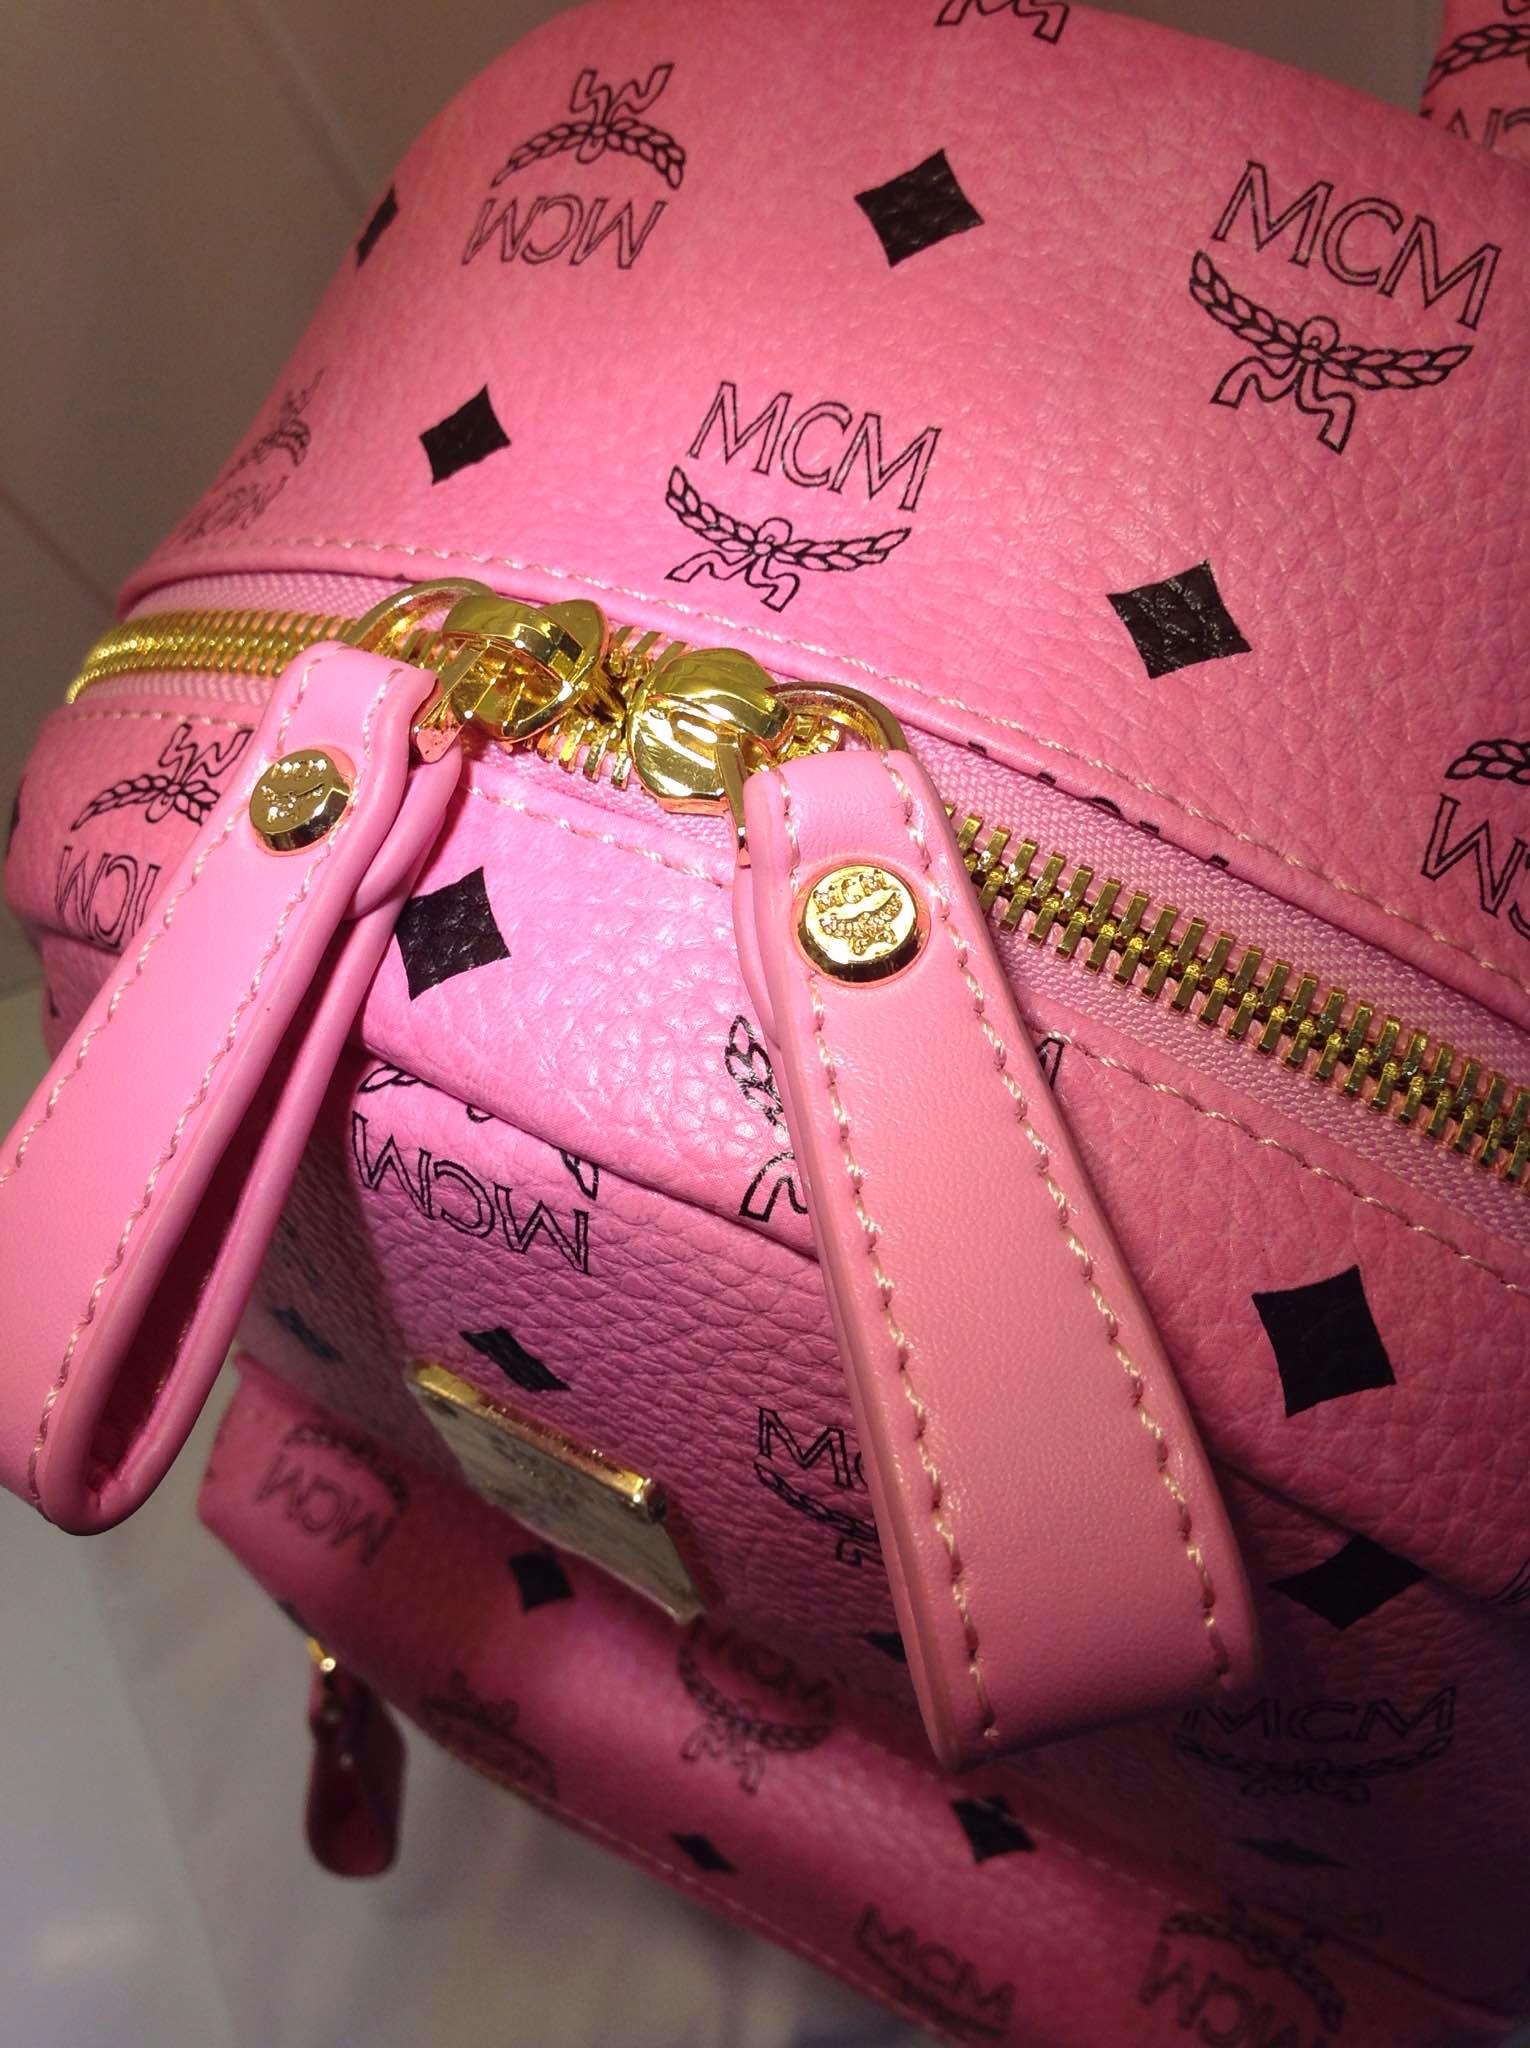 广州包包批发市场 MCM经典侧钉款中号 包身pvc配牛皮 荧光粉土黄色